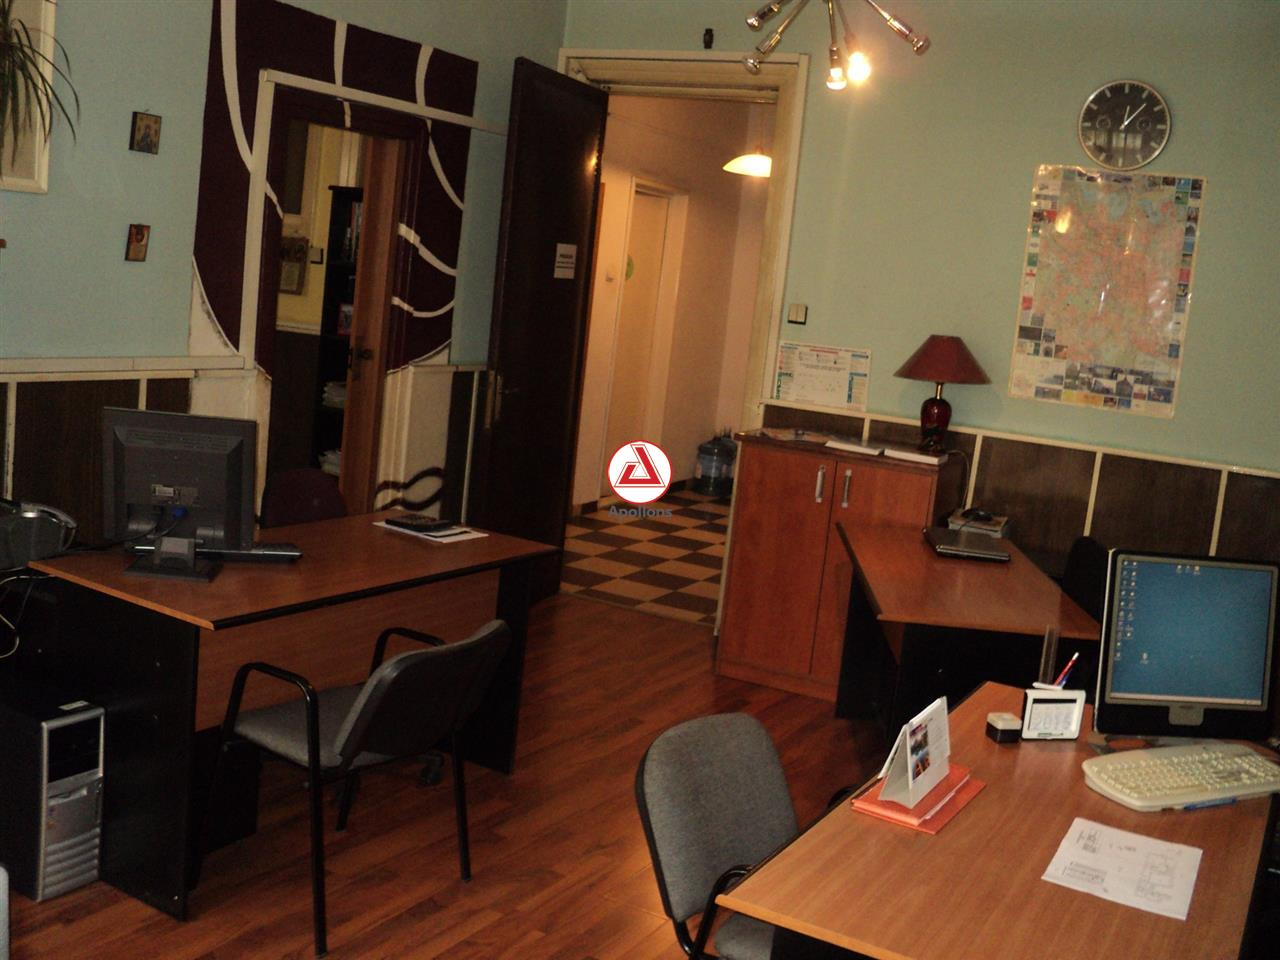 Vanzare Spatii de birouri Universitate, Bucuresti